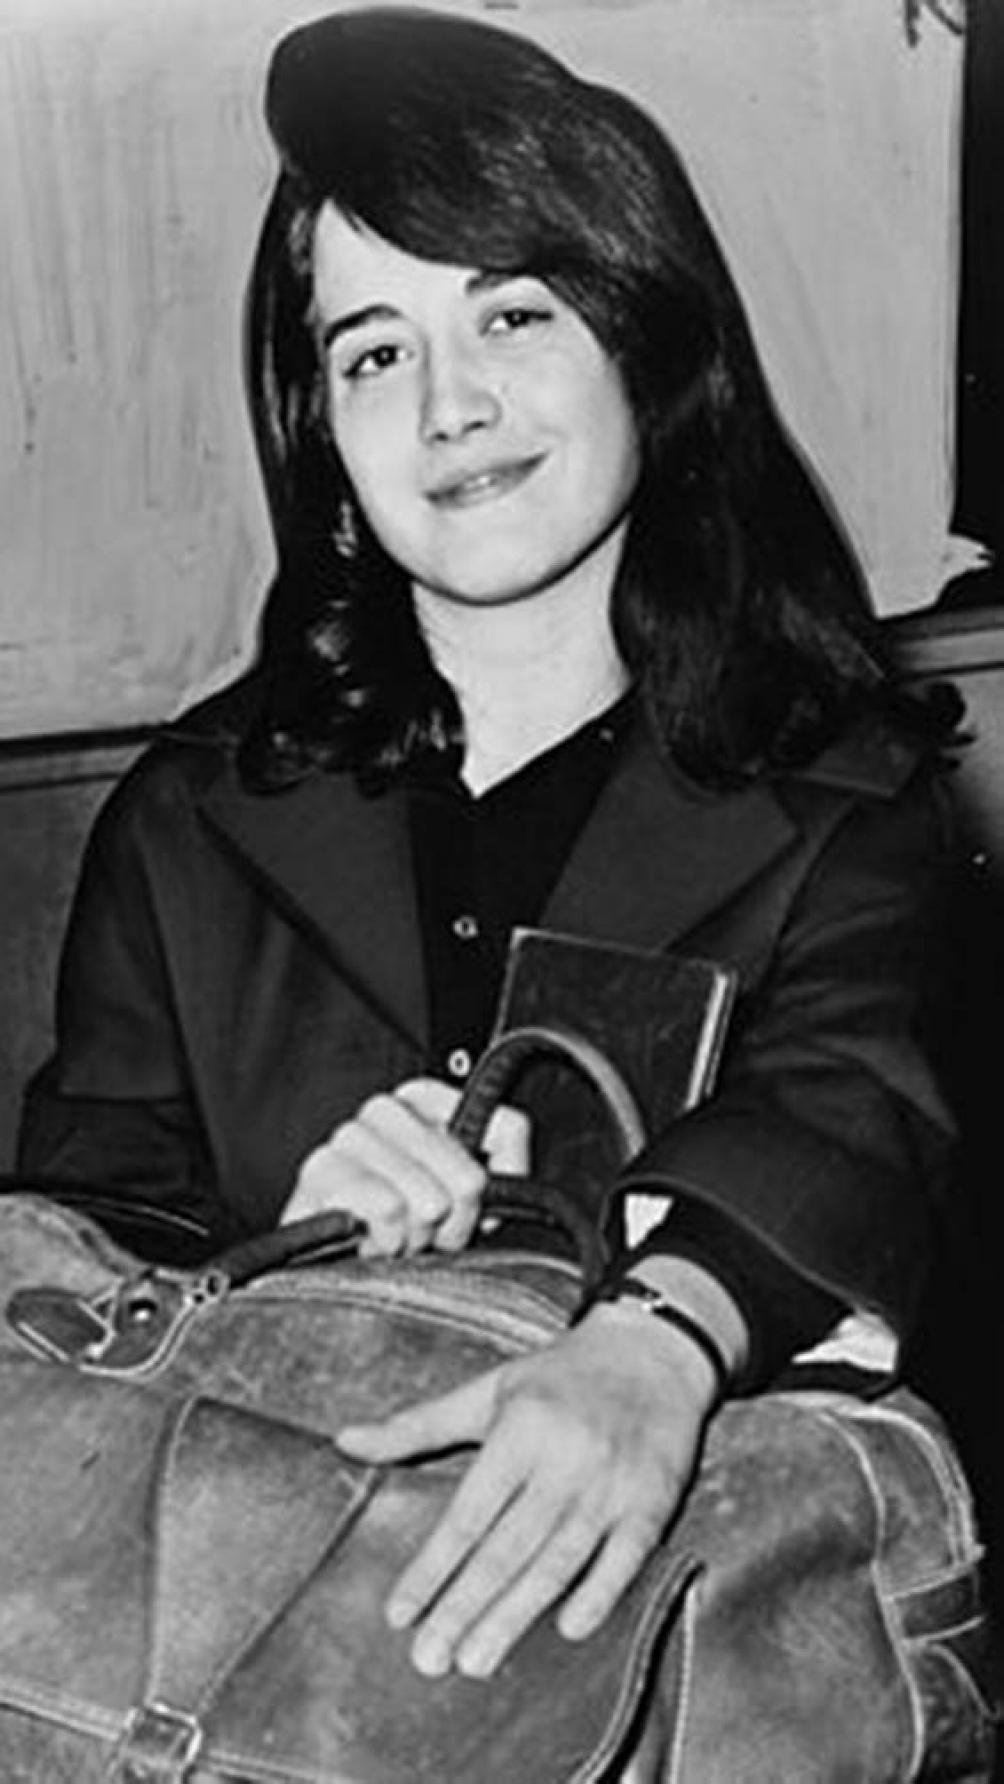 Argerich en 1962, con 21 años. Entonces vivía en Nueva York y había dejado temporalmente la música.